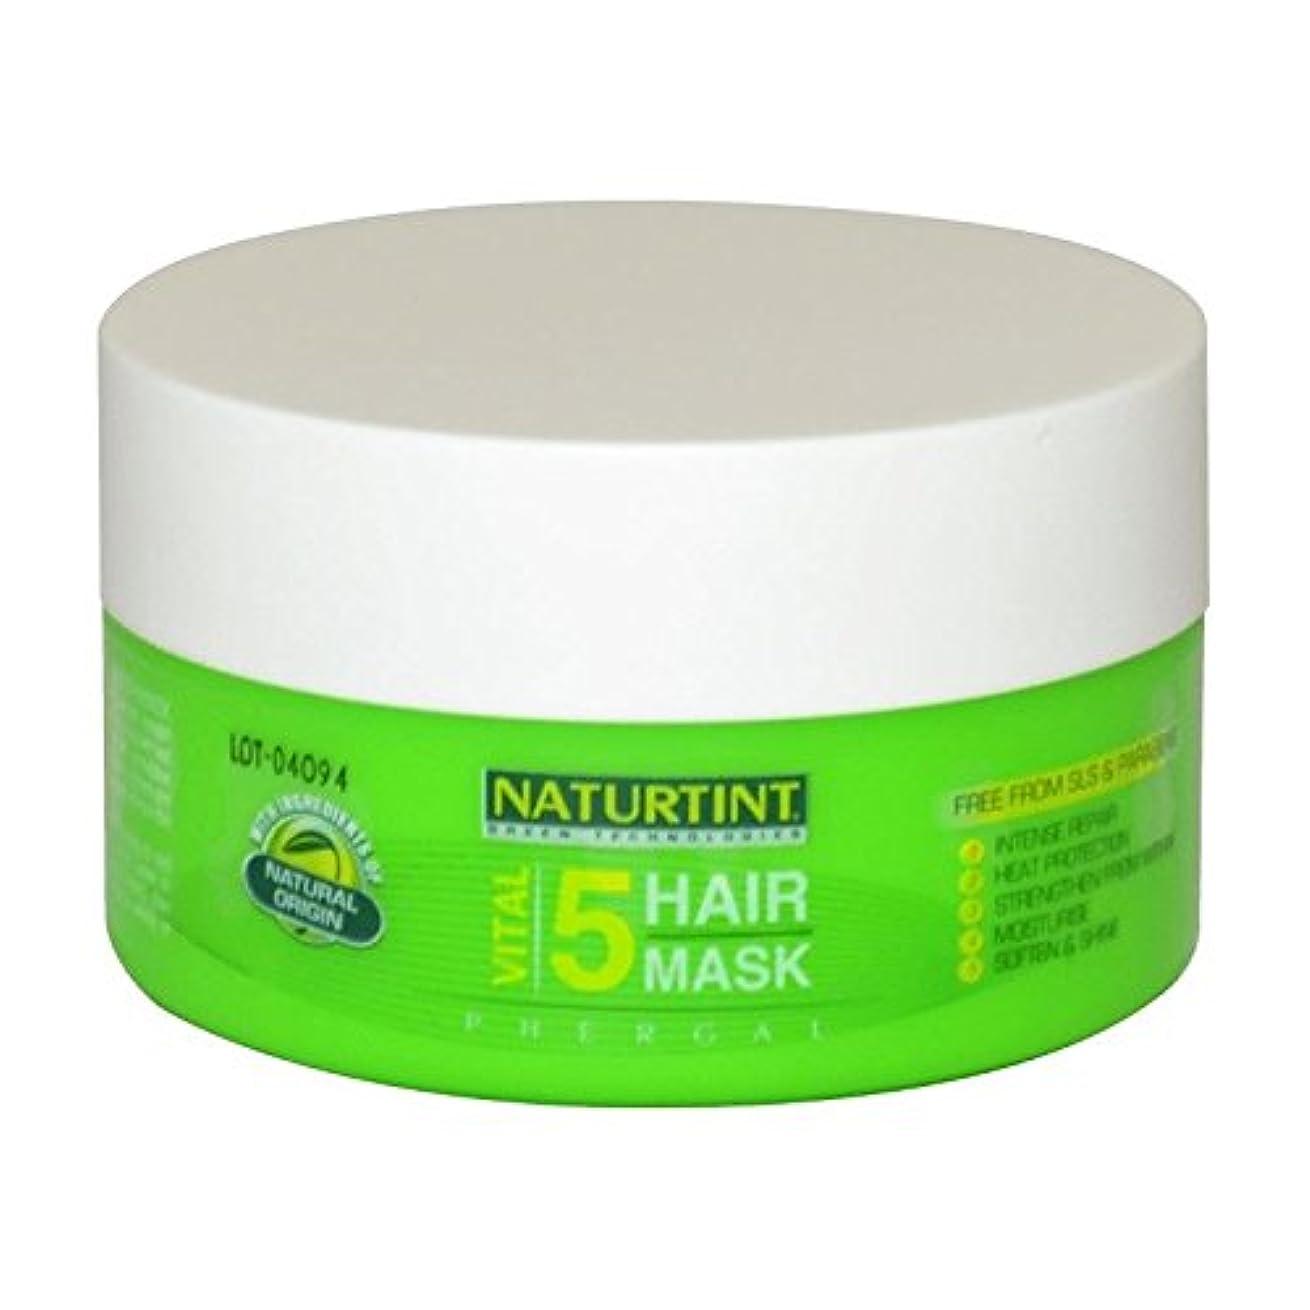 手綱トレーニング反論者[Naturtint] Naturtint重要な5ヘアマスク - Naturtint Vital 5 Hair Mask [並行輸入品]